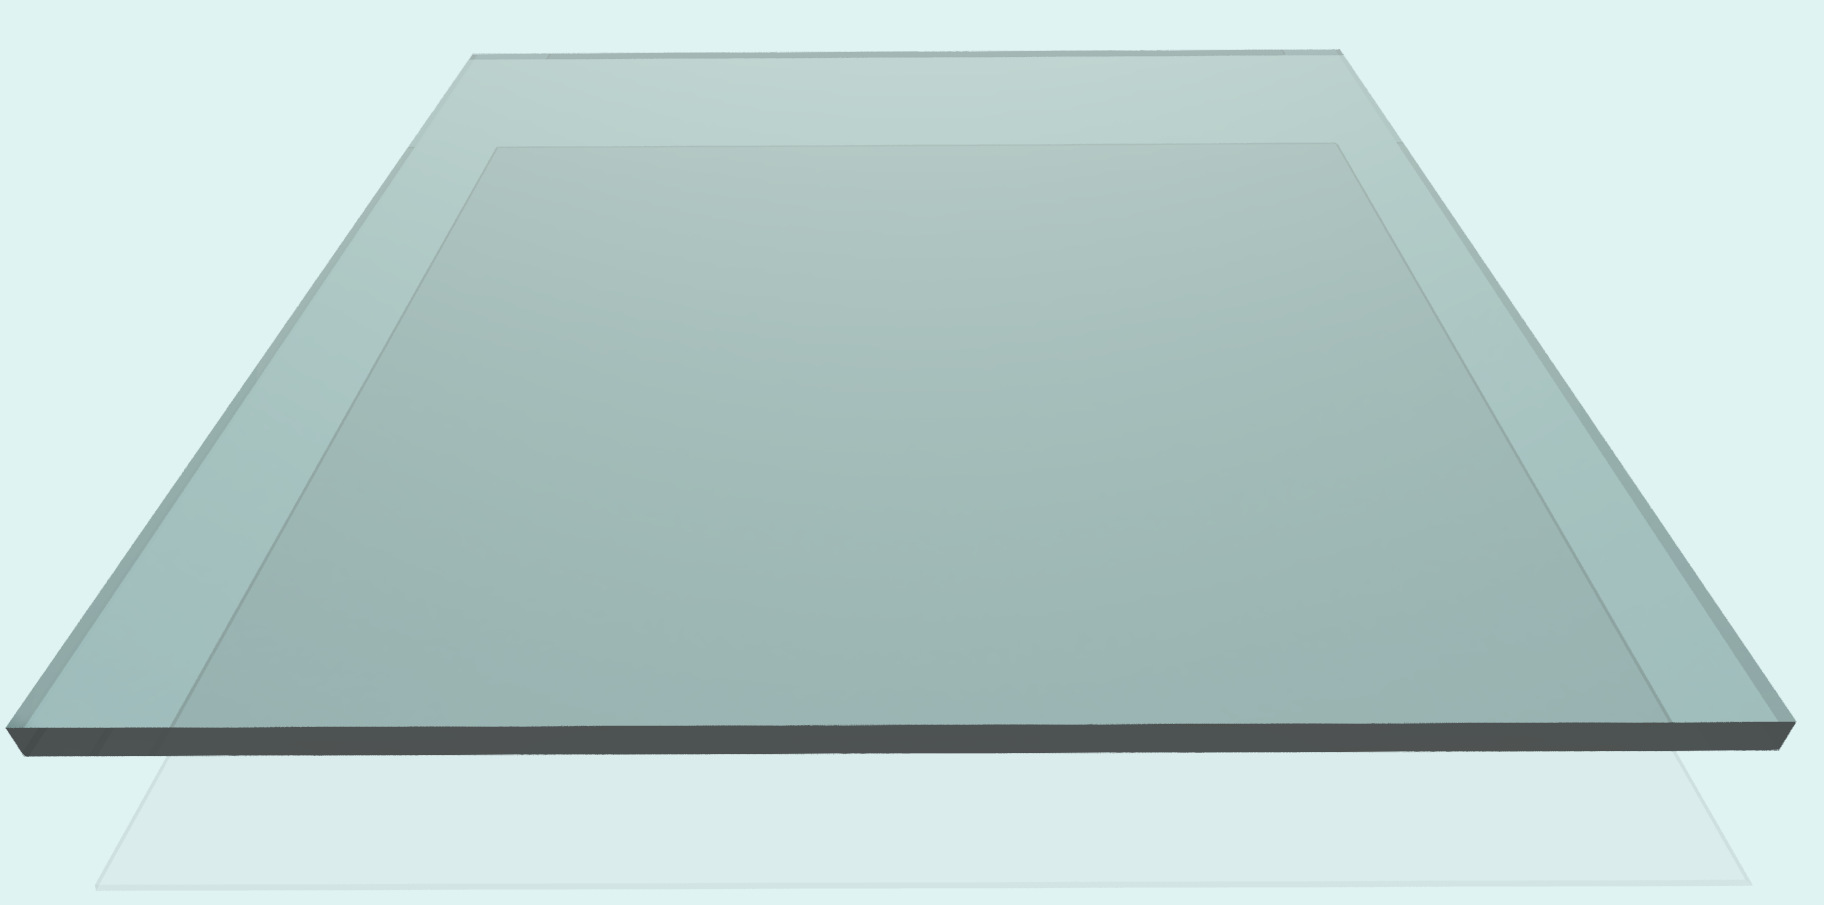 Polycarbonat 5 mm abriebfest, klar